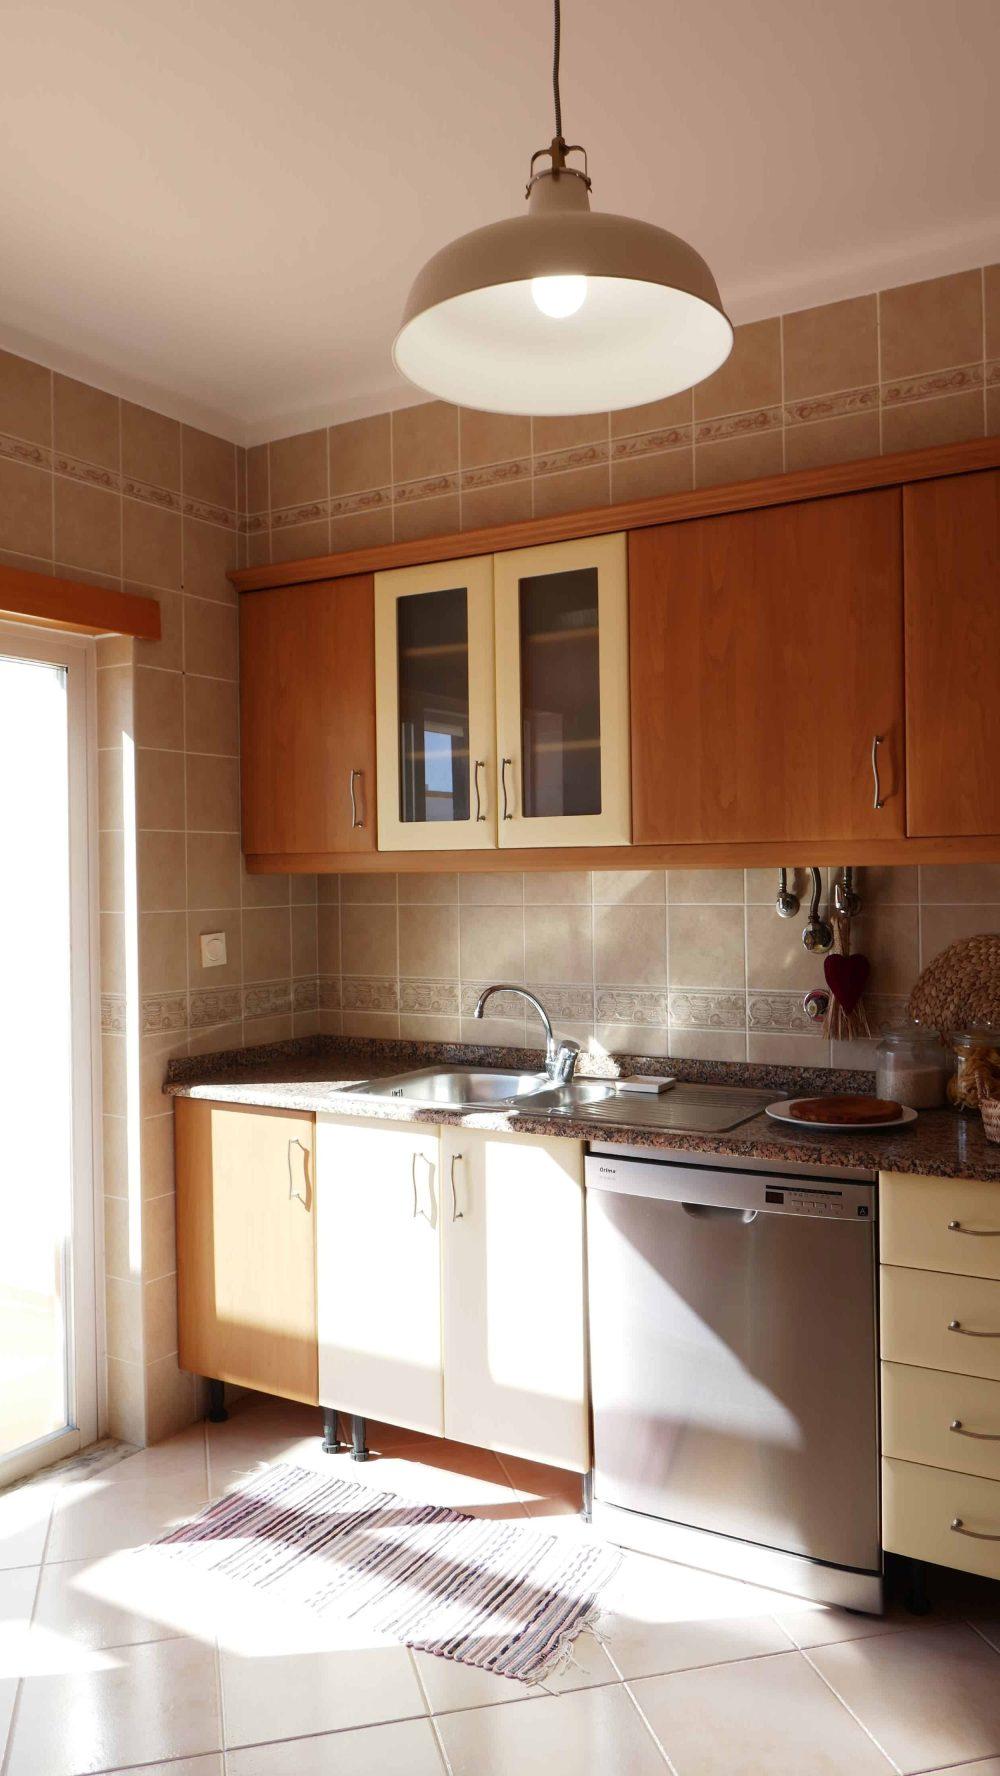 156 Appartement T3 à vendre à Cabanas Tavira Algarve Portugal Sous Le Soleil_6660